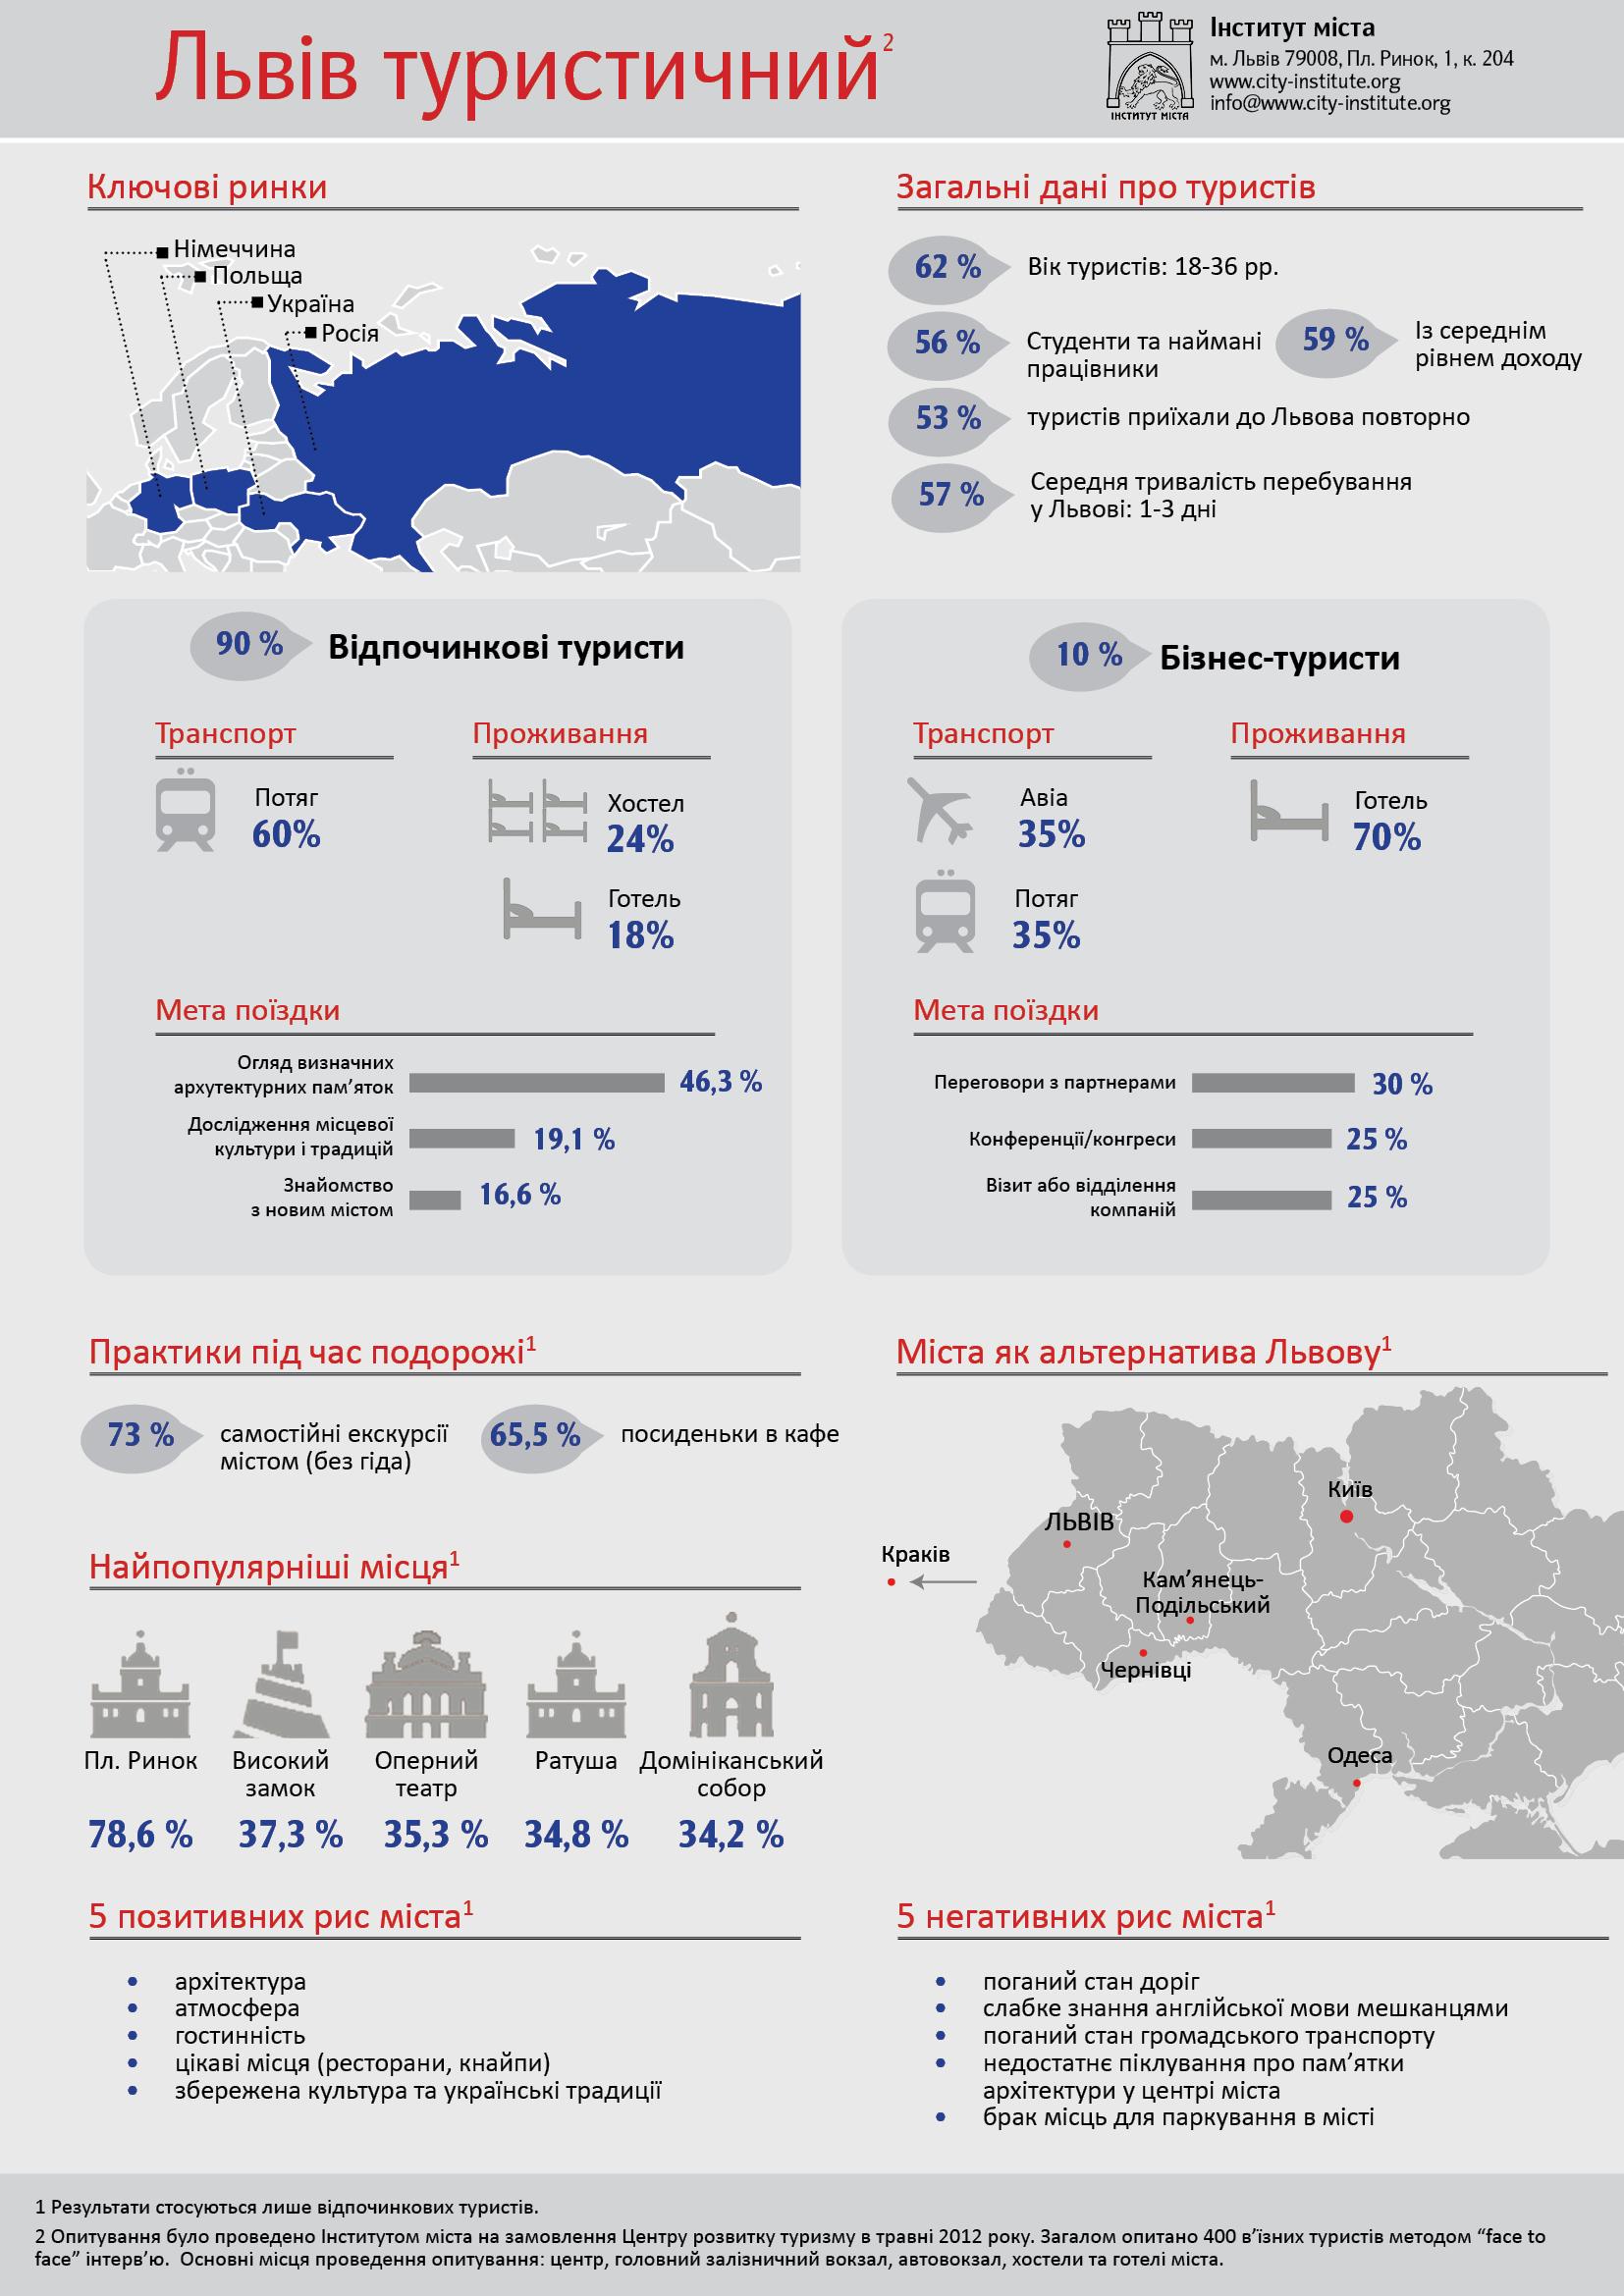 Характеристика туристів Львова (ІНФОГРАФІКА)